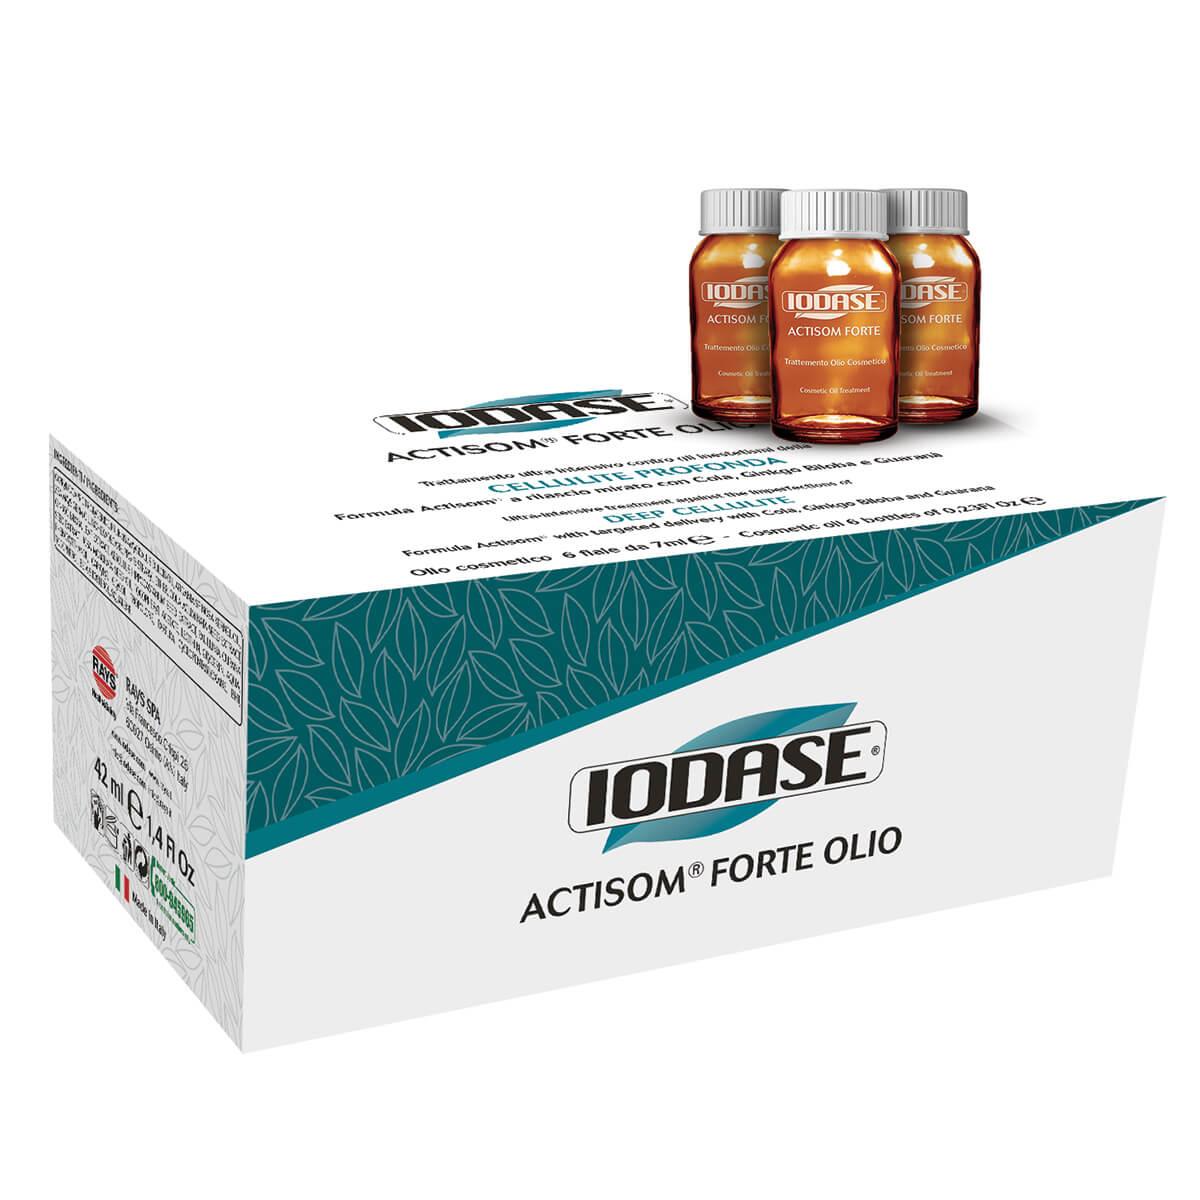 """IODASE Сыворотка для тела """"Iodase Actisom Forte"""" 6*7мл от Галерея Косметики"""